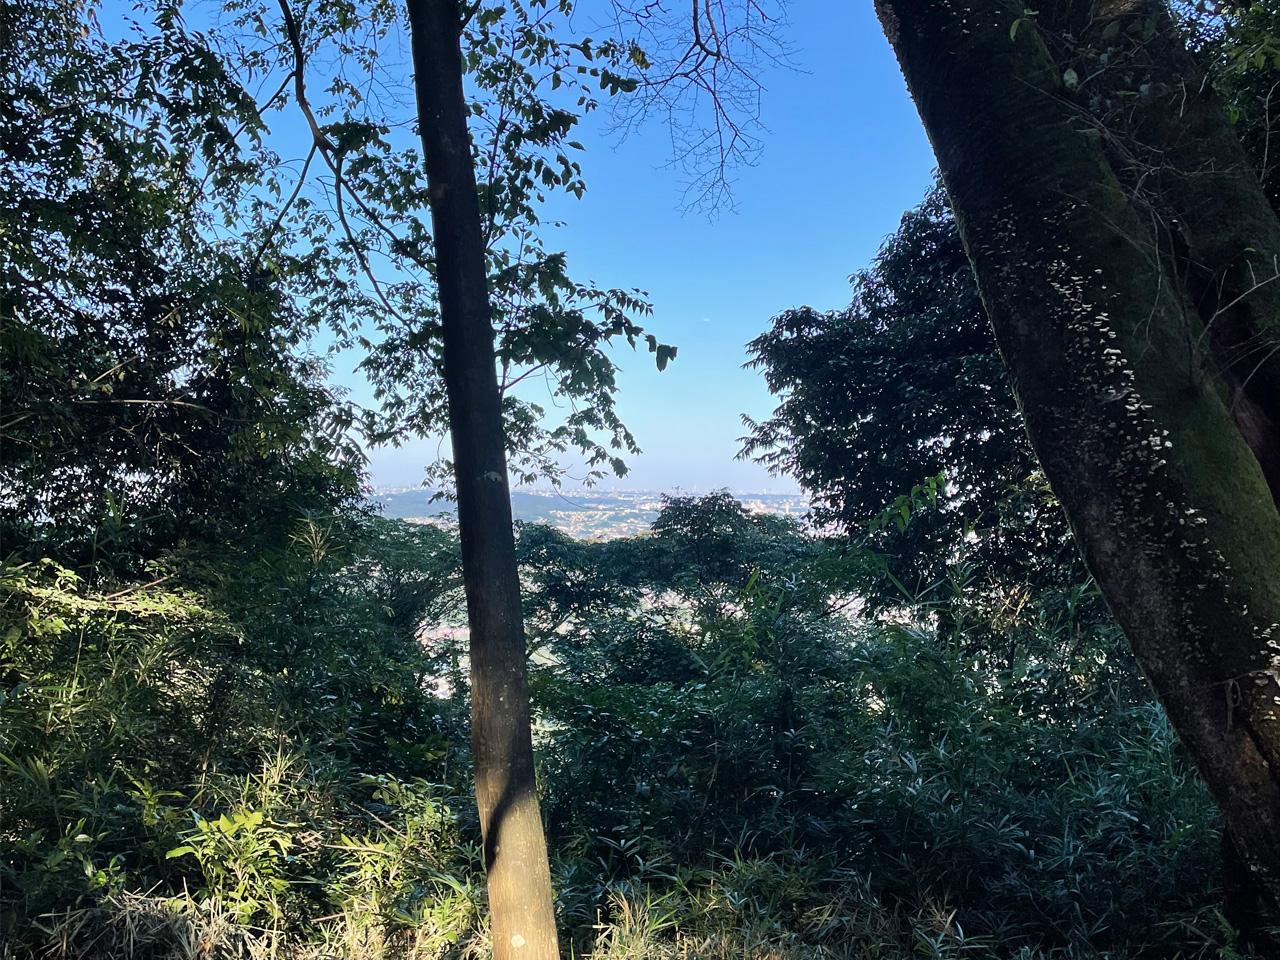 津久井城山の頂上付近の眺め